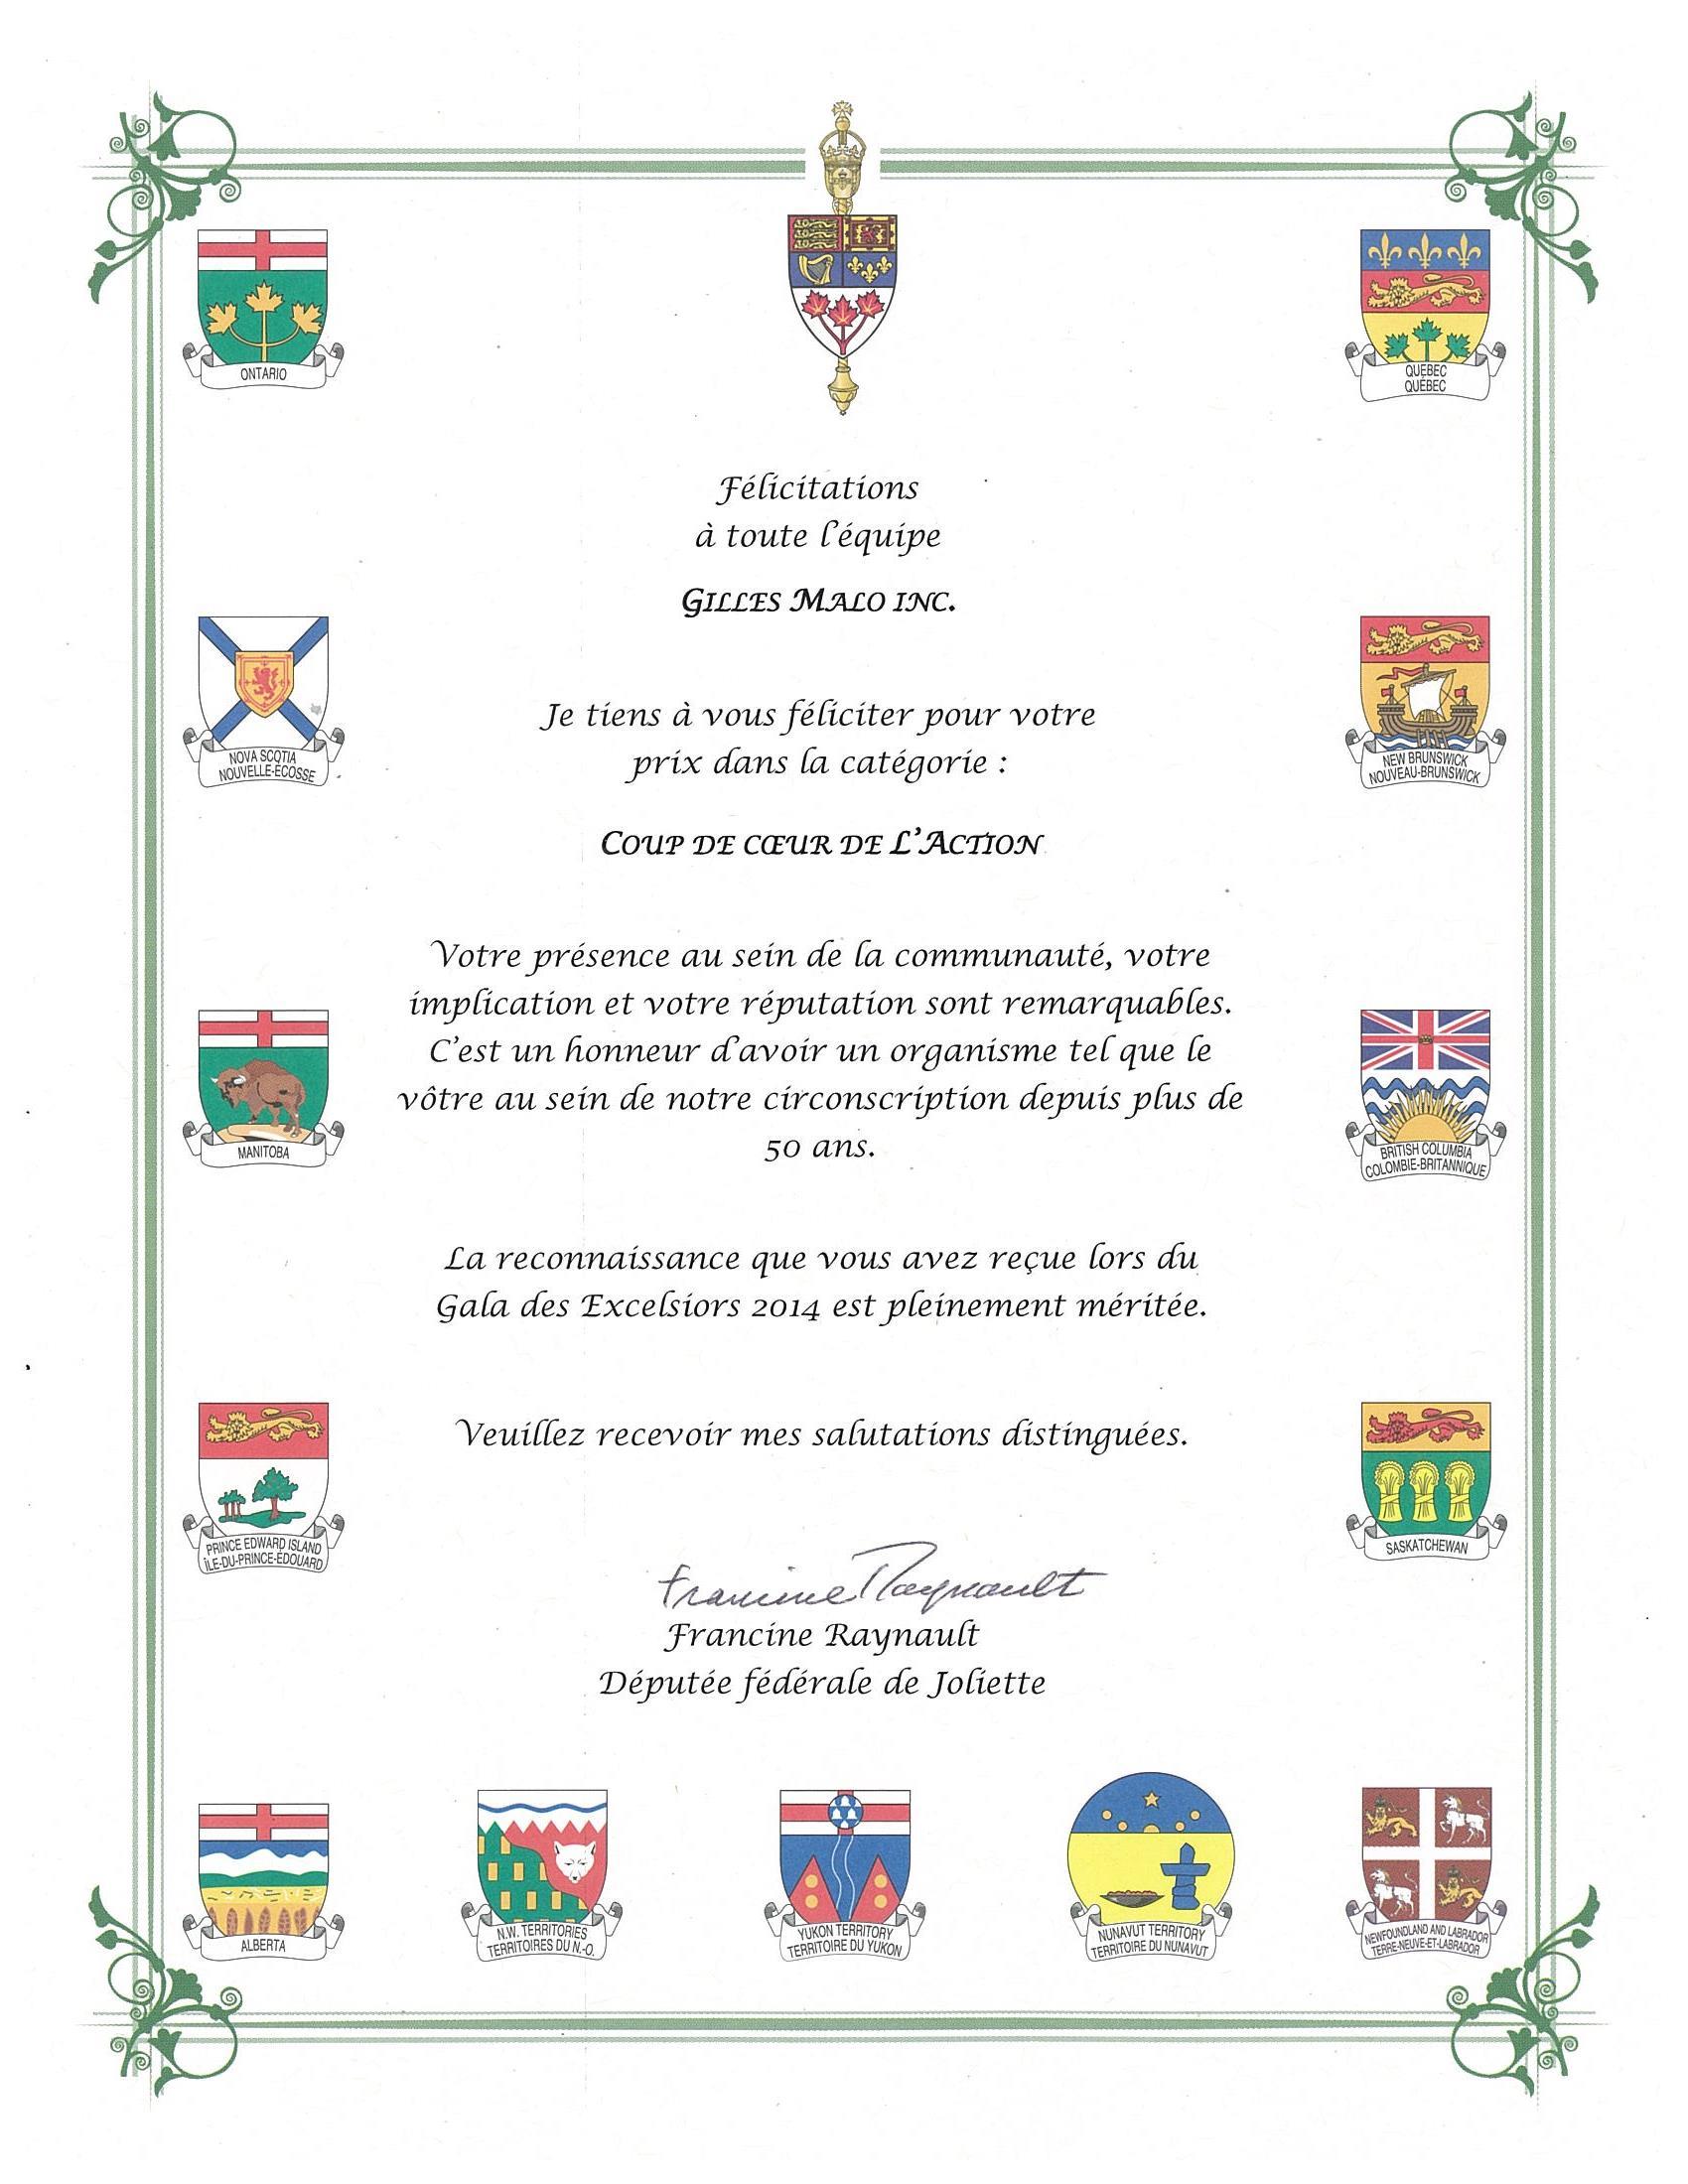 lettre députée joliette